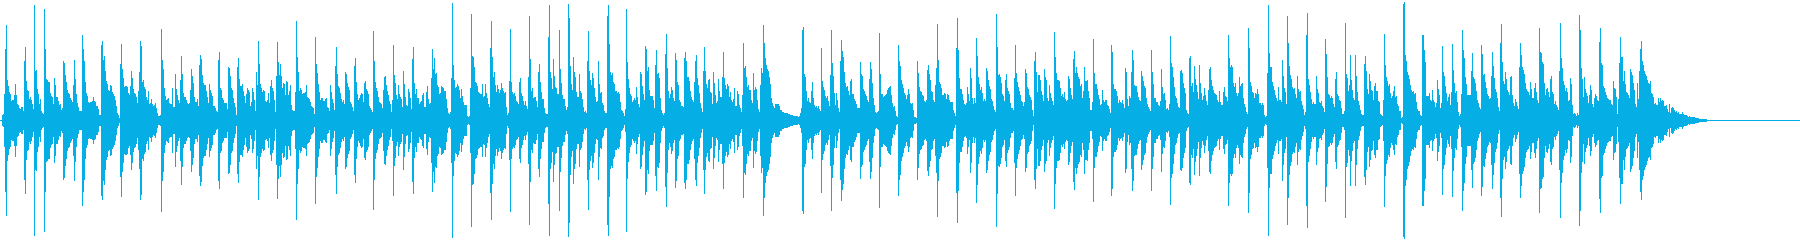 伝統的な歌の美しくソフトなバージョ...の再生済みの波形